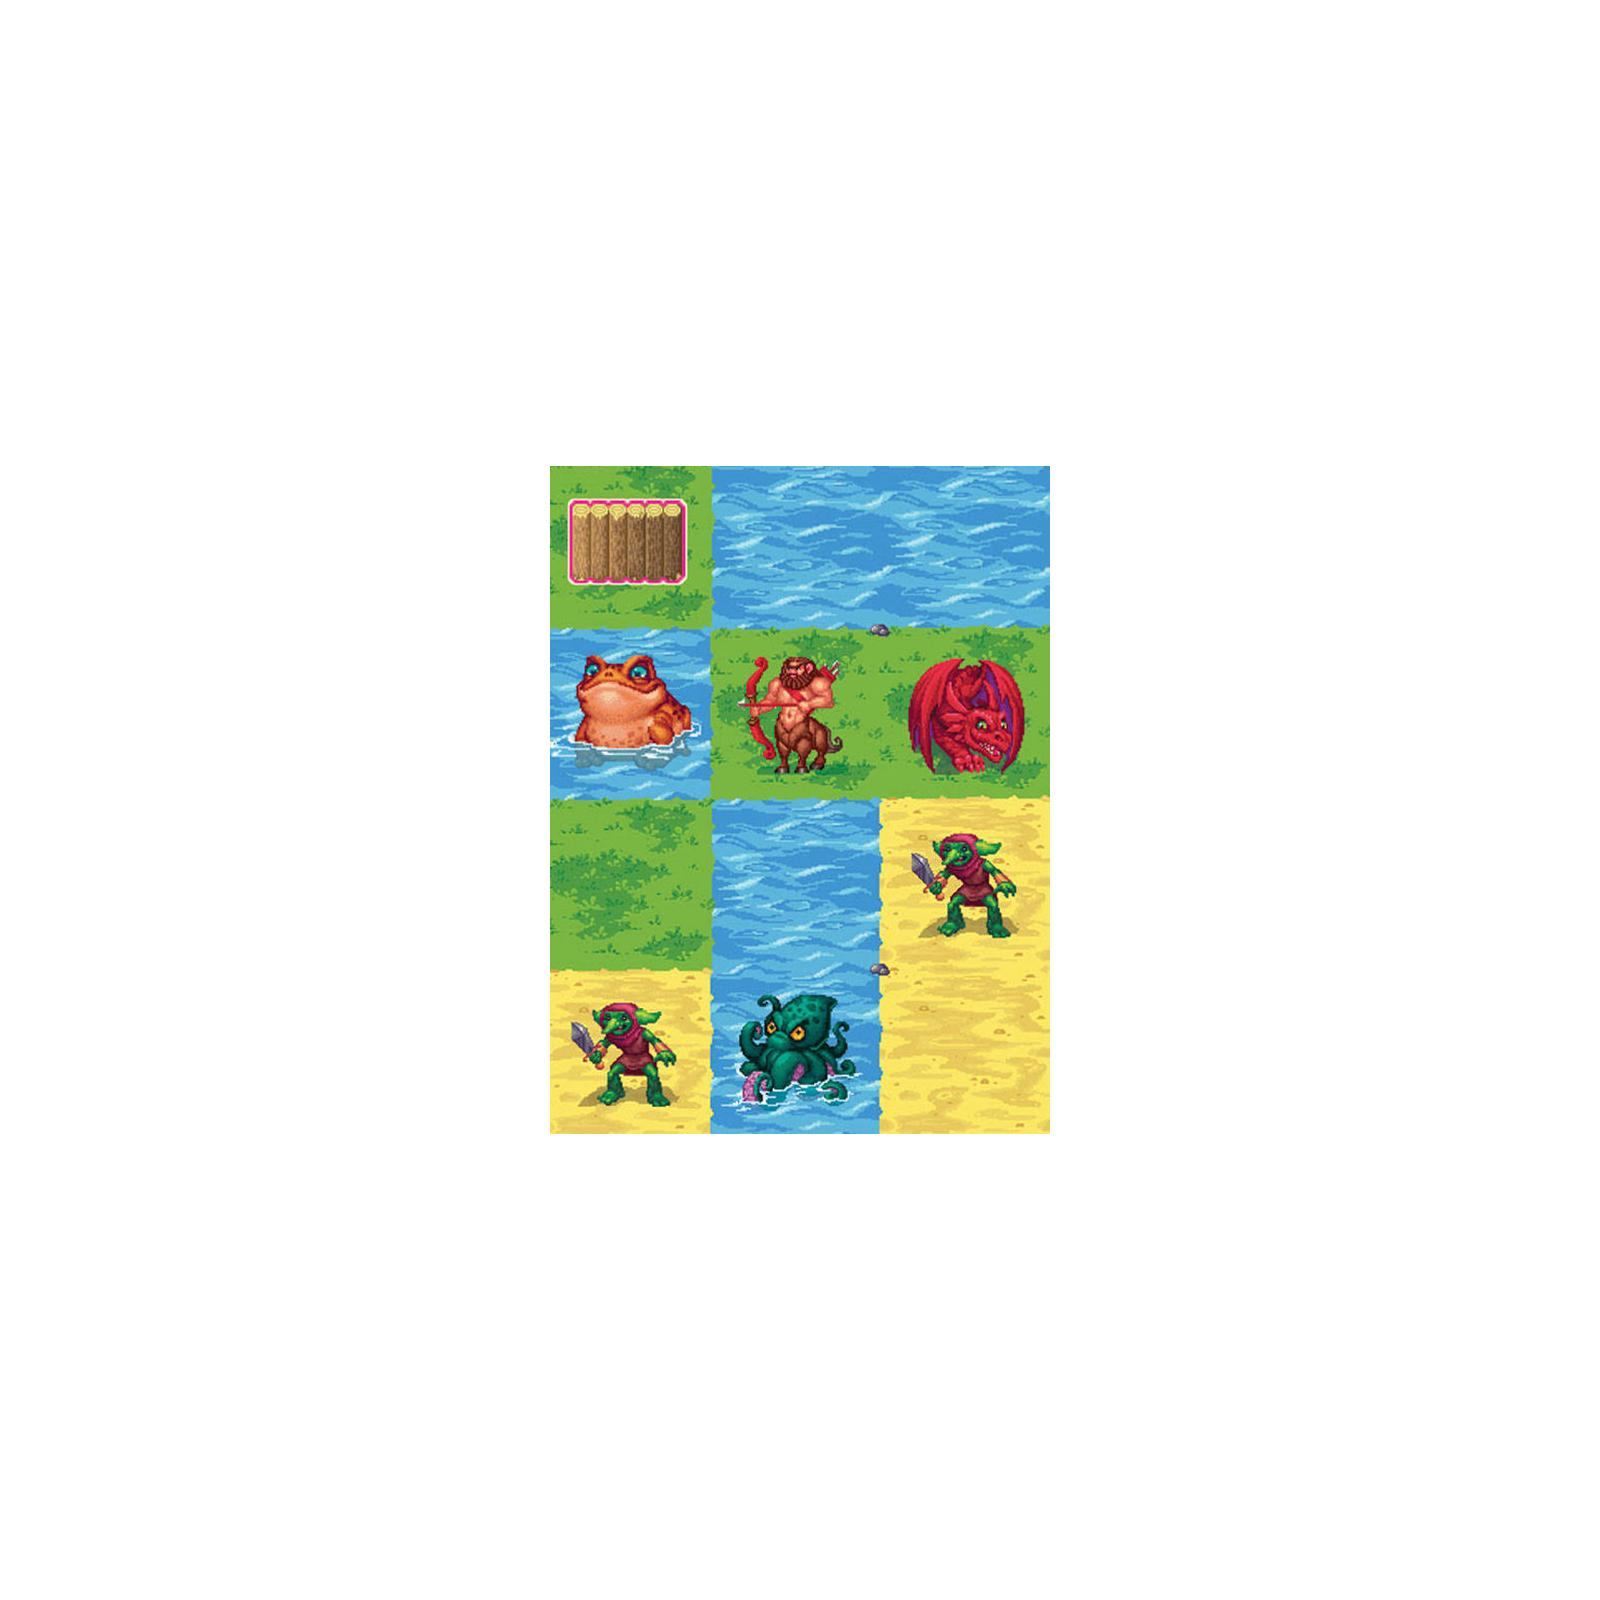 Настольная игра Hobby World Cutterland. Класика 10+ (915197) изображение 5